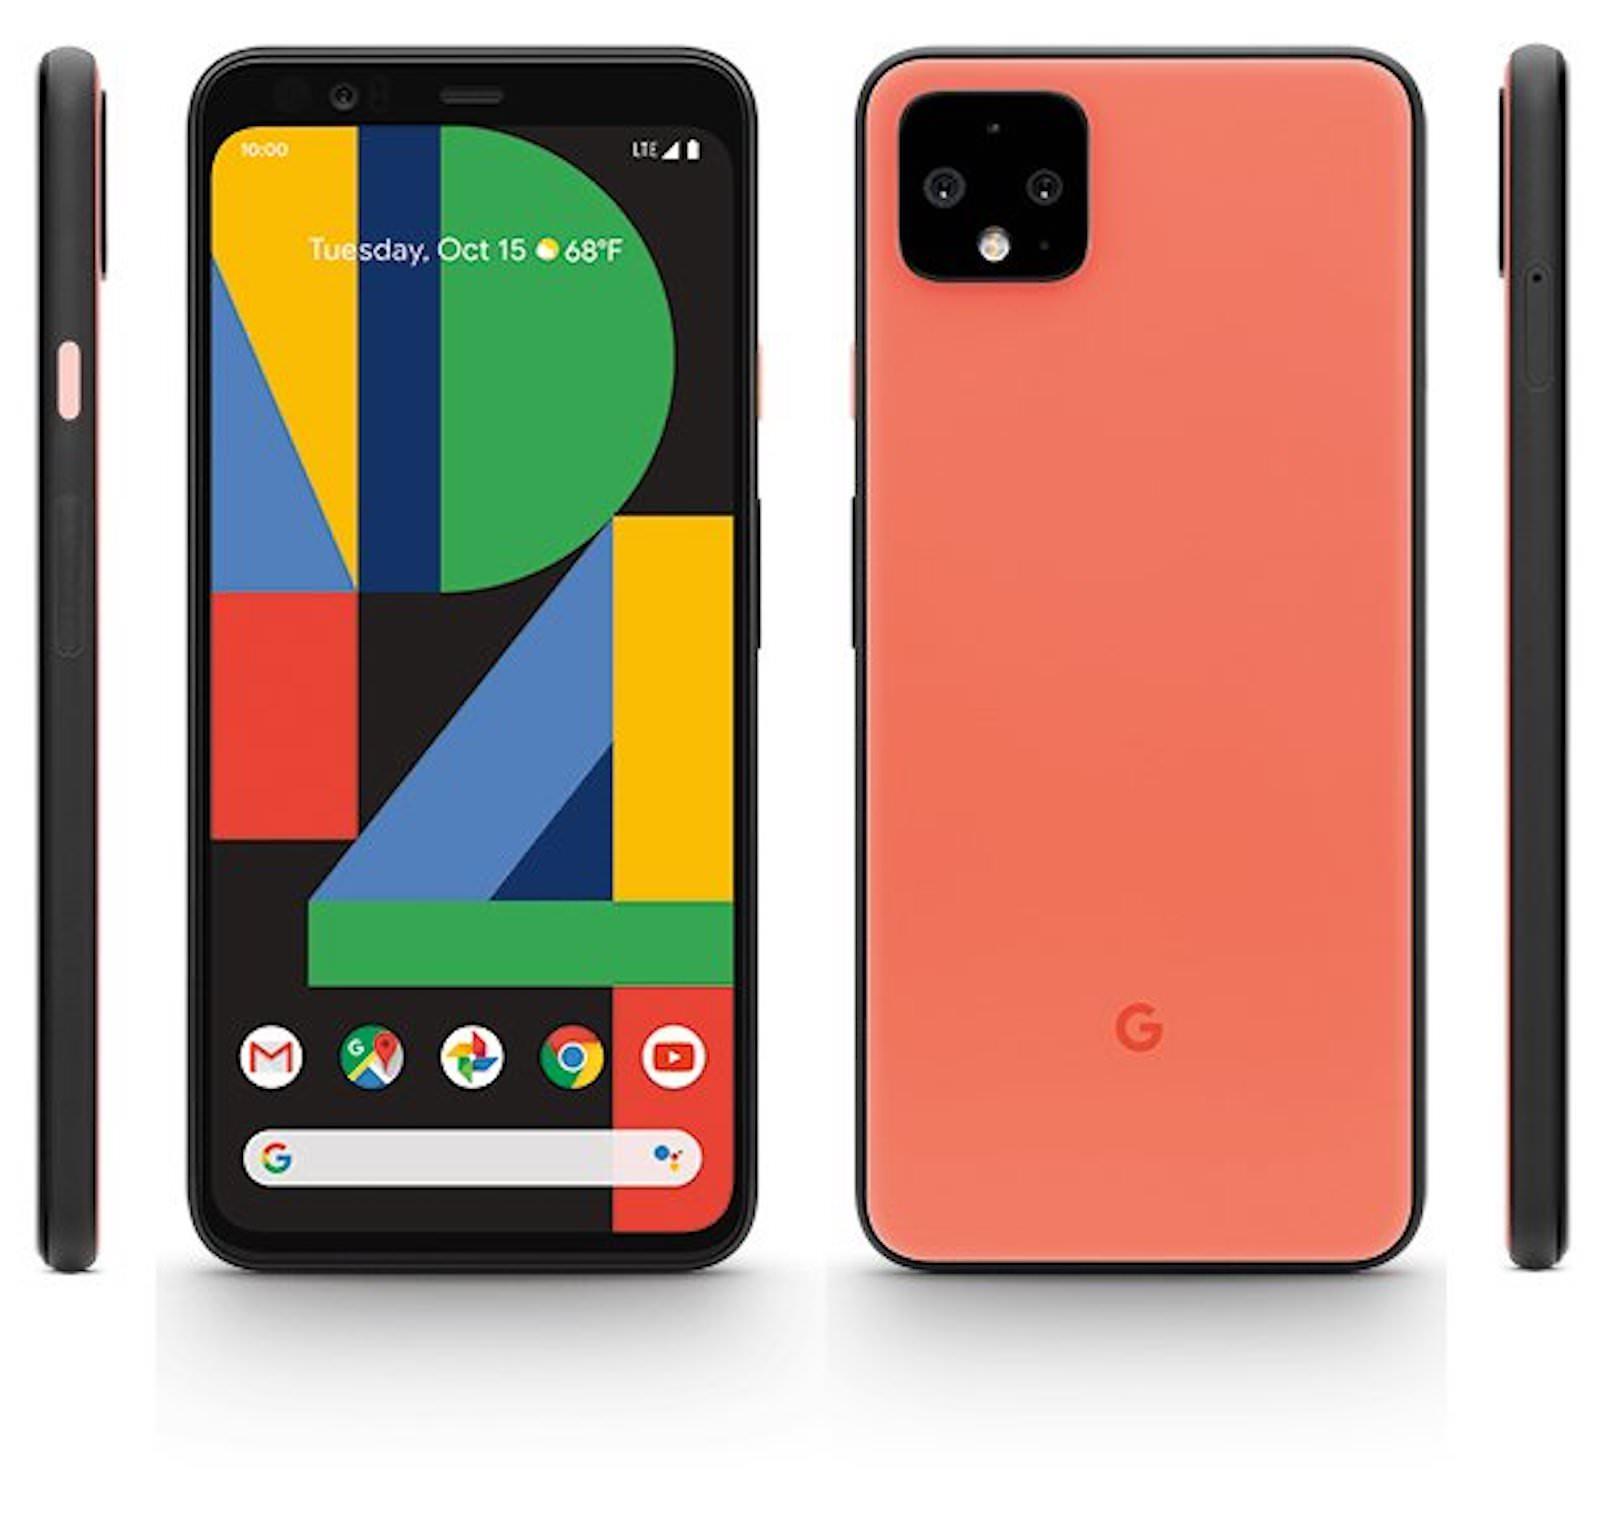 google-pixel-4-orange-color.jpeg